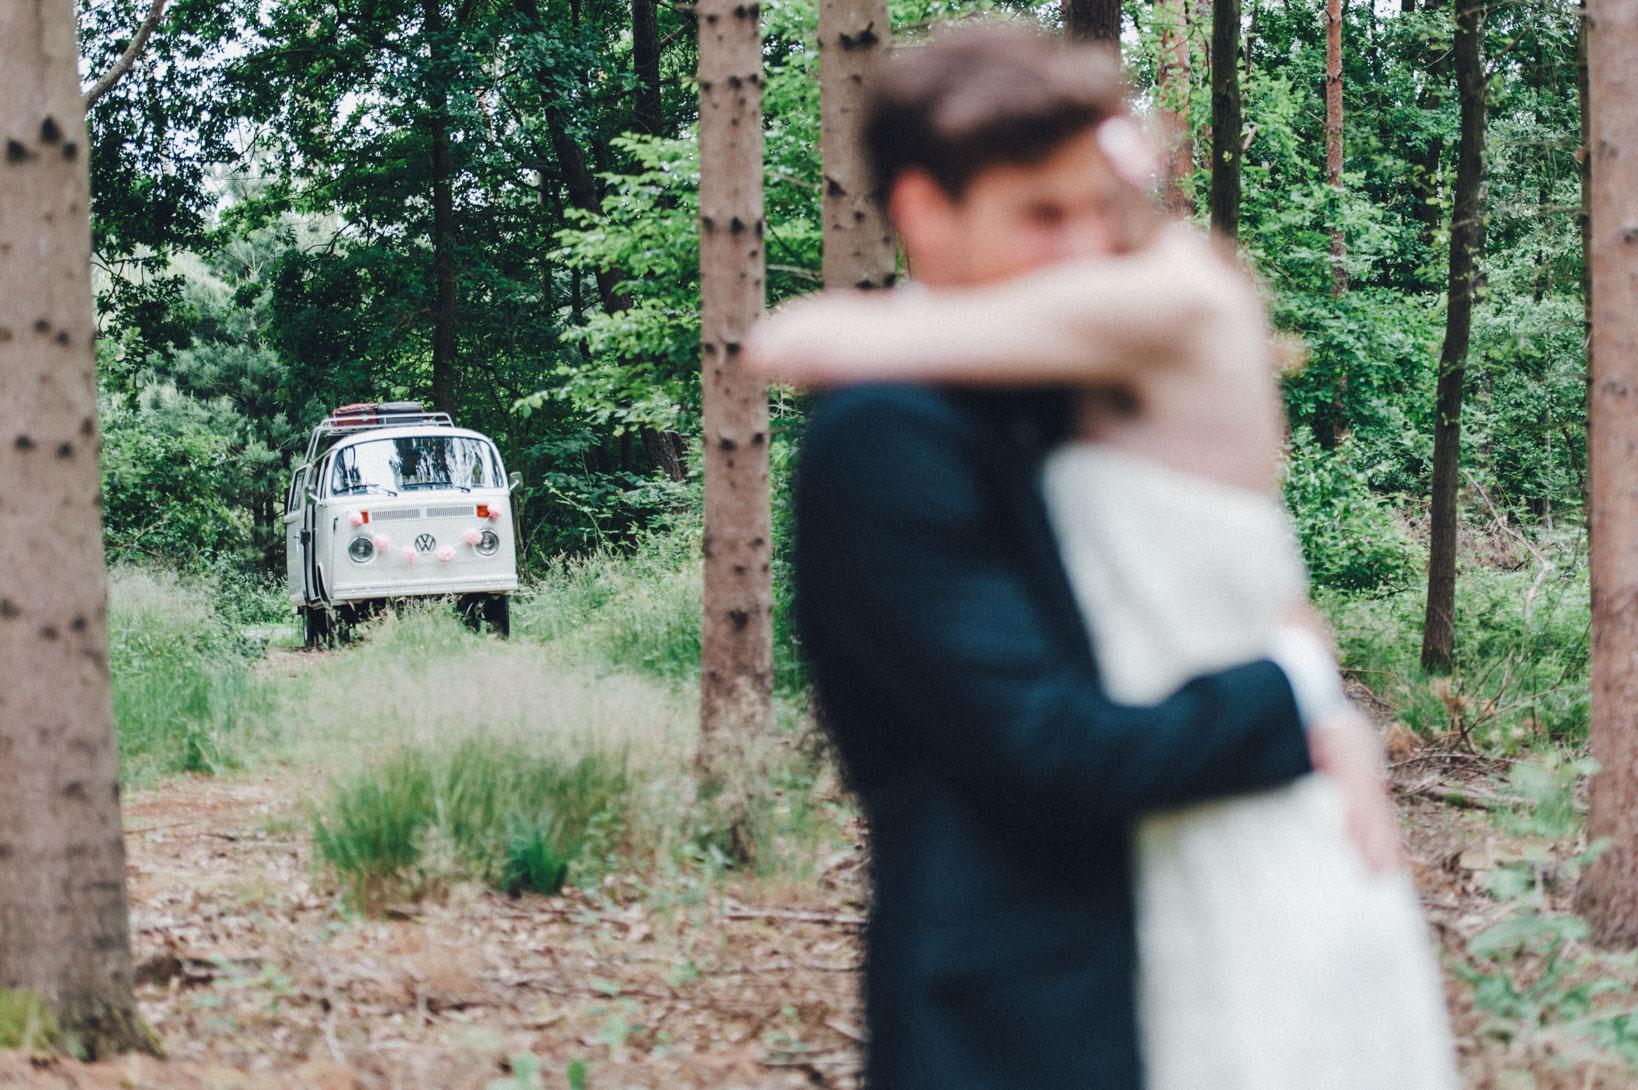 DIY-Hochzeit-gold-VW-Bully-82 Janet & Pierre DIY Midsummer-Wedding in Gold mit VW BulliDIY Hochzeit gold VW Bully 82